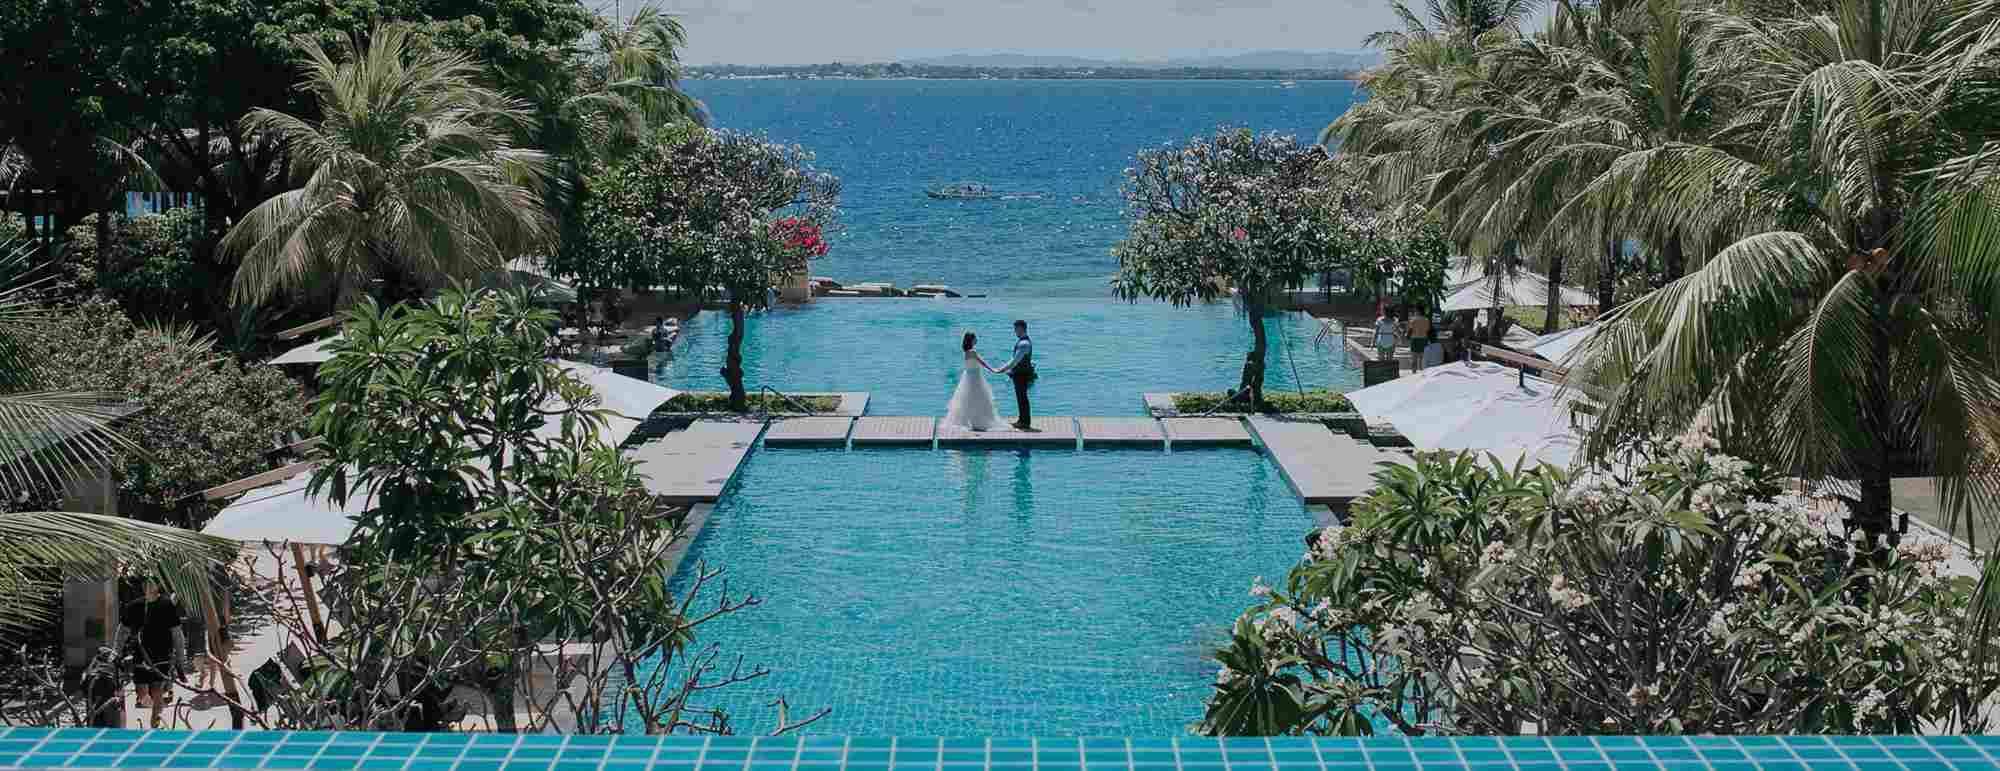 セブ島インフィニティ・プールウェディング・フォトCrimson Resort&Spa Mactan Wedding~クリムゾン・リゾート&スパ挙式